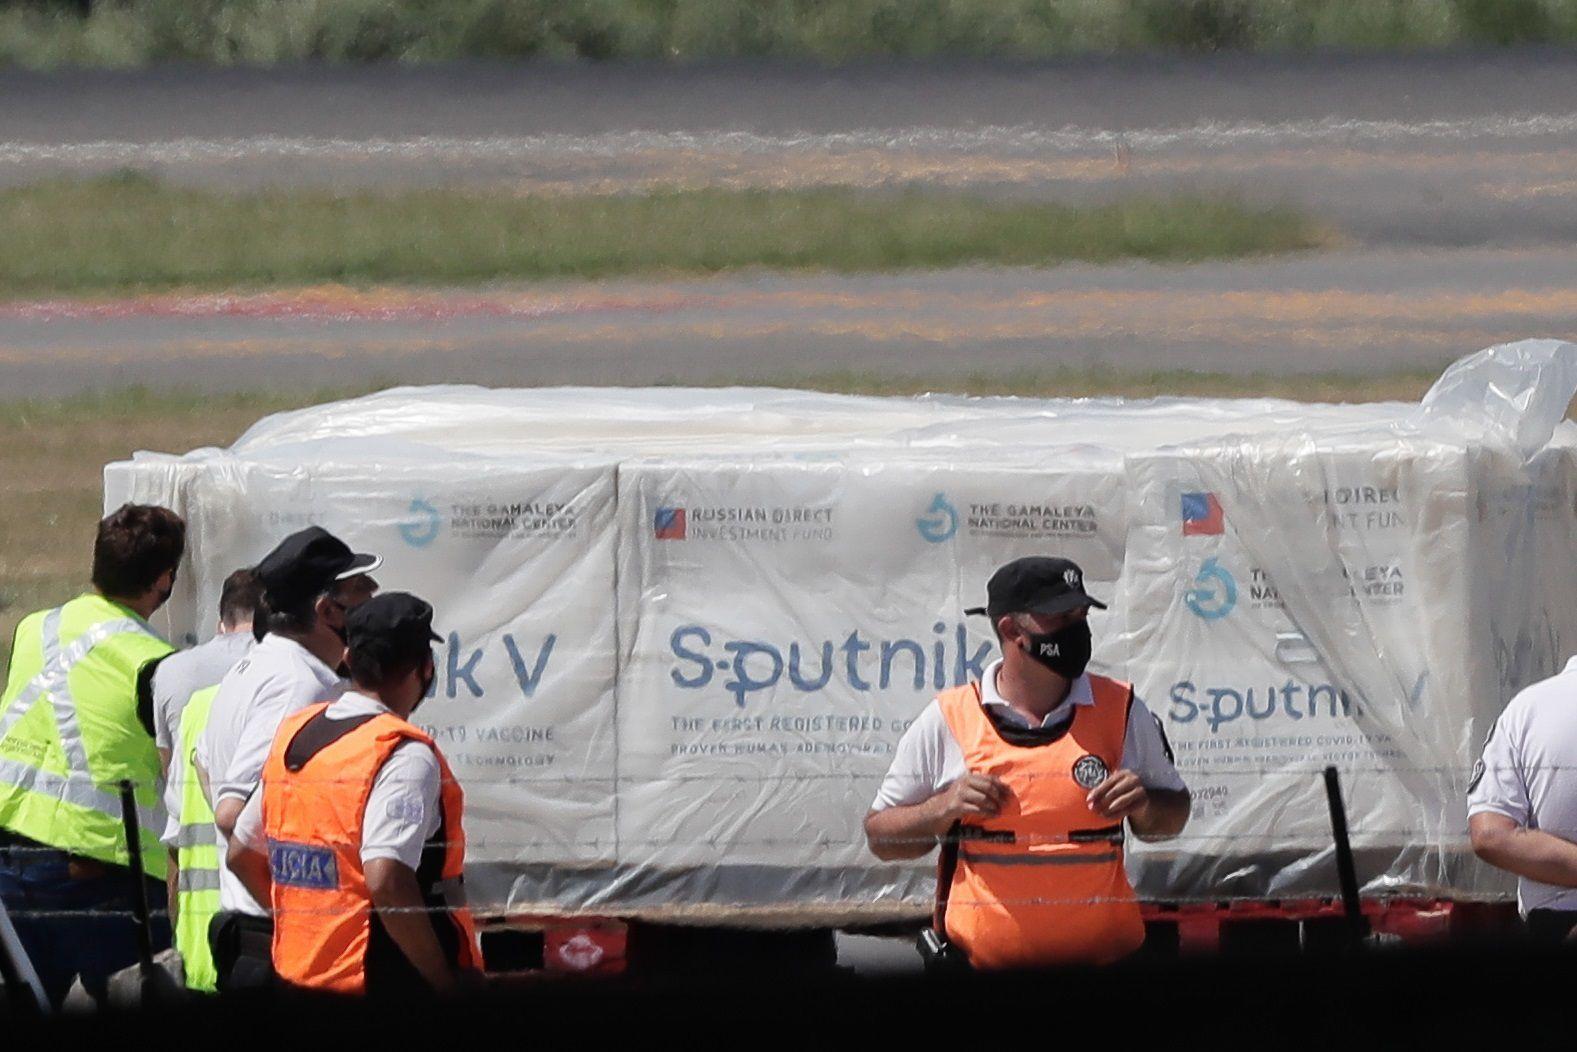 Vizzotti dijo que se espera esta semana el arribo de un vuelo con dosis del componente 2 de la vacuna rusa